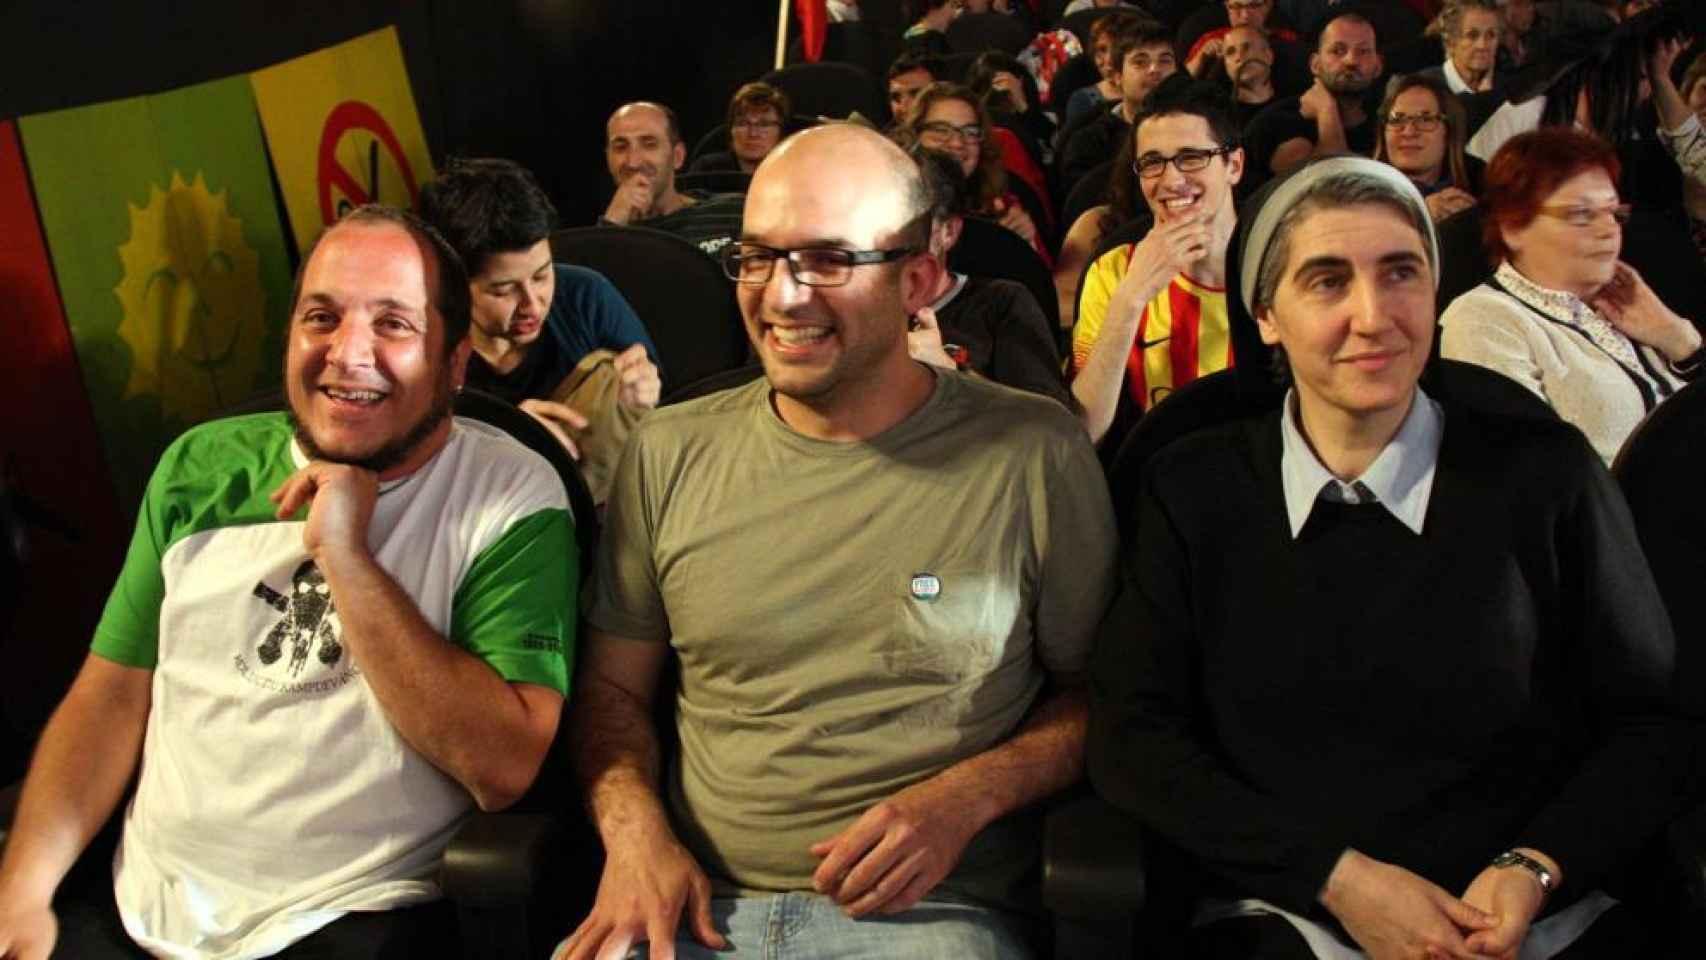 De izquierda a derecha: David Fernández, Joan Coma y Teresa Forcades.